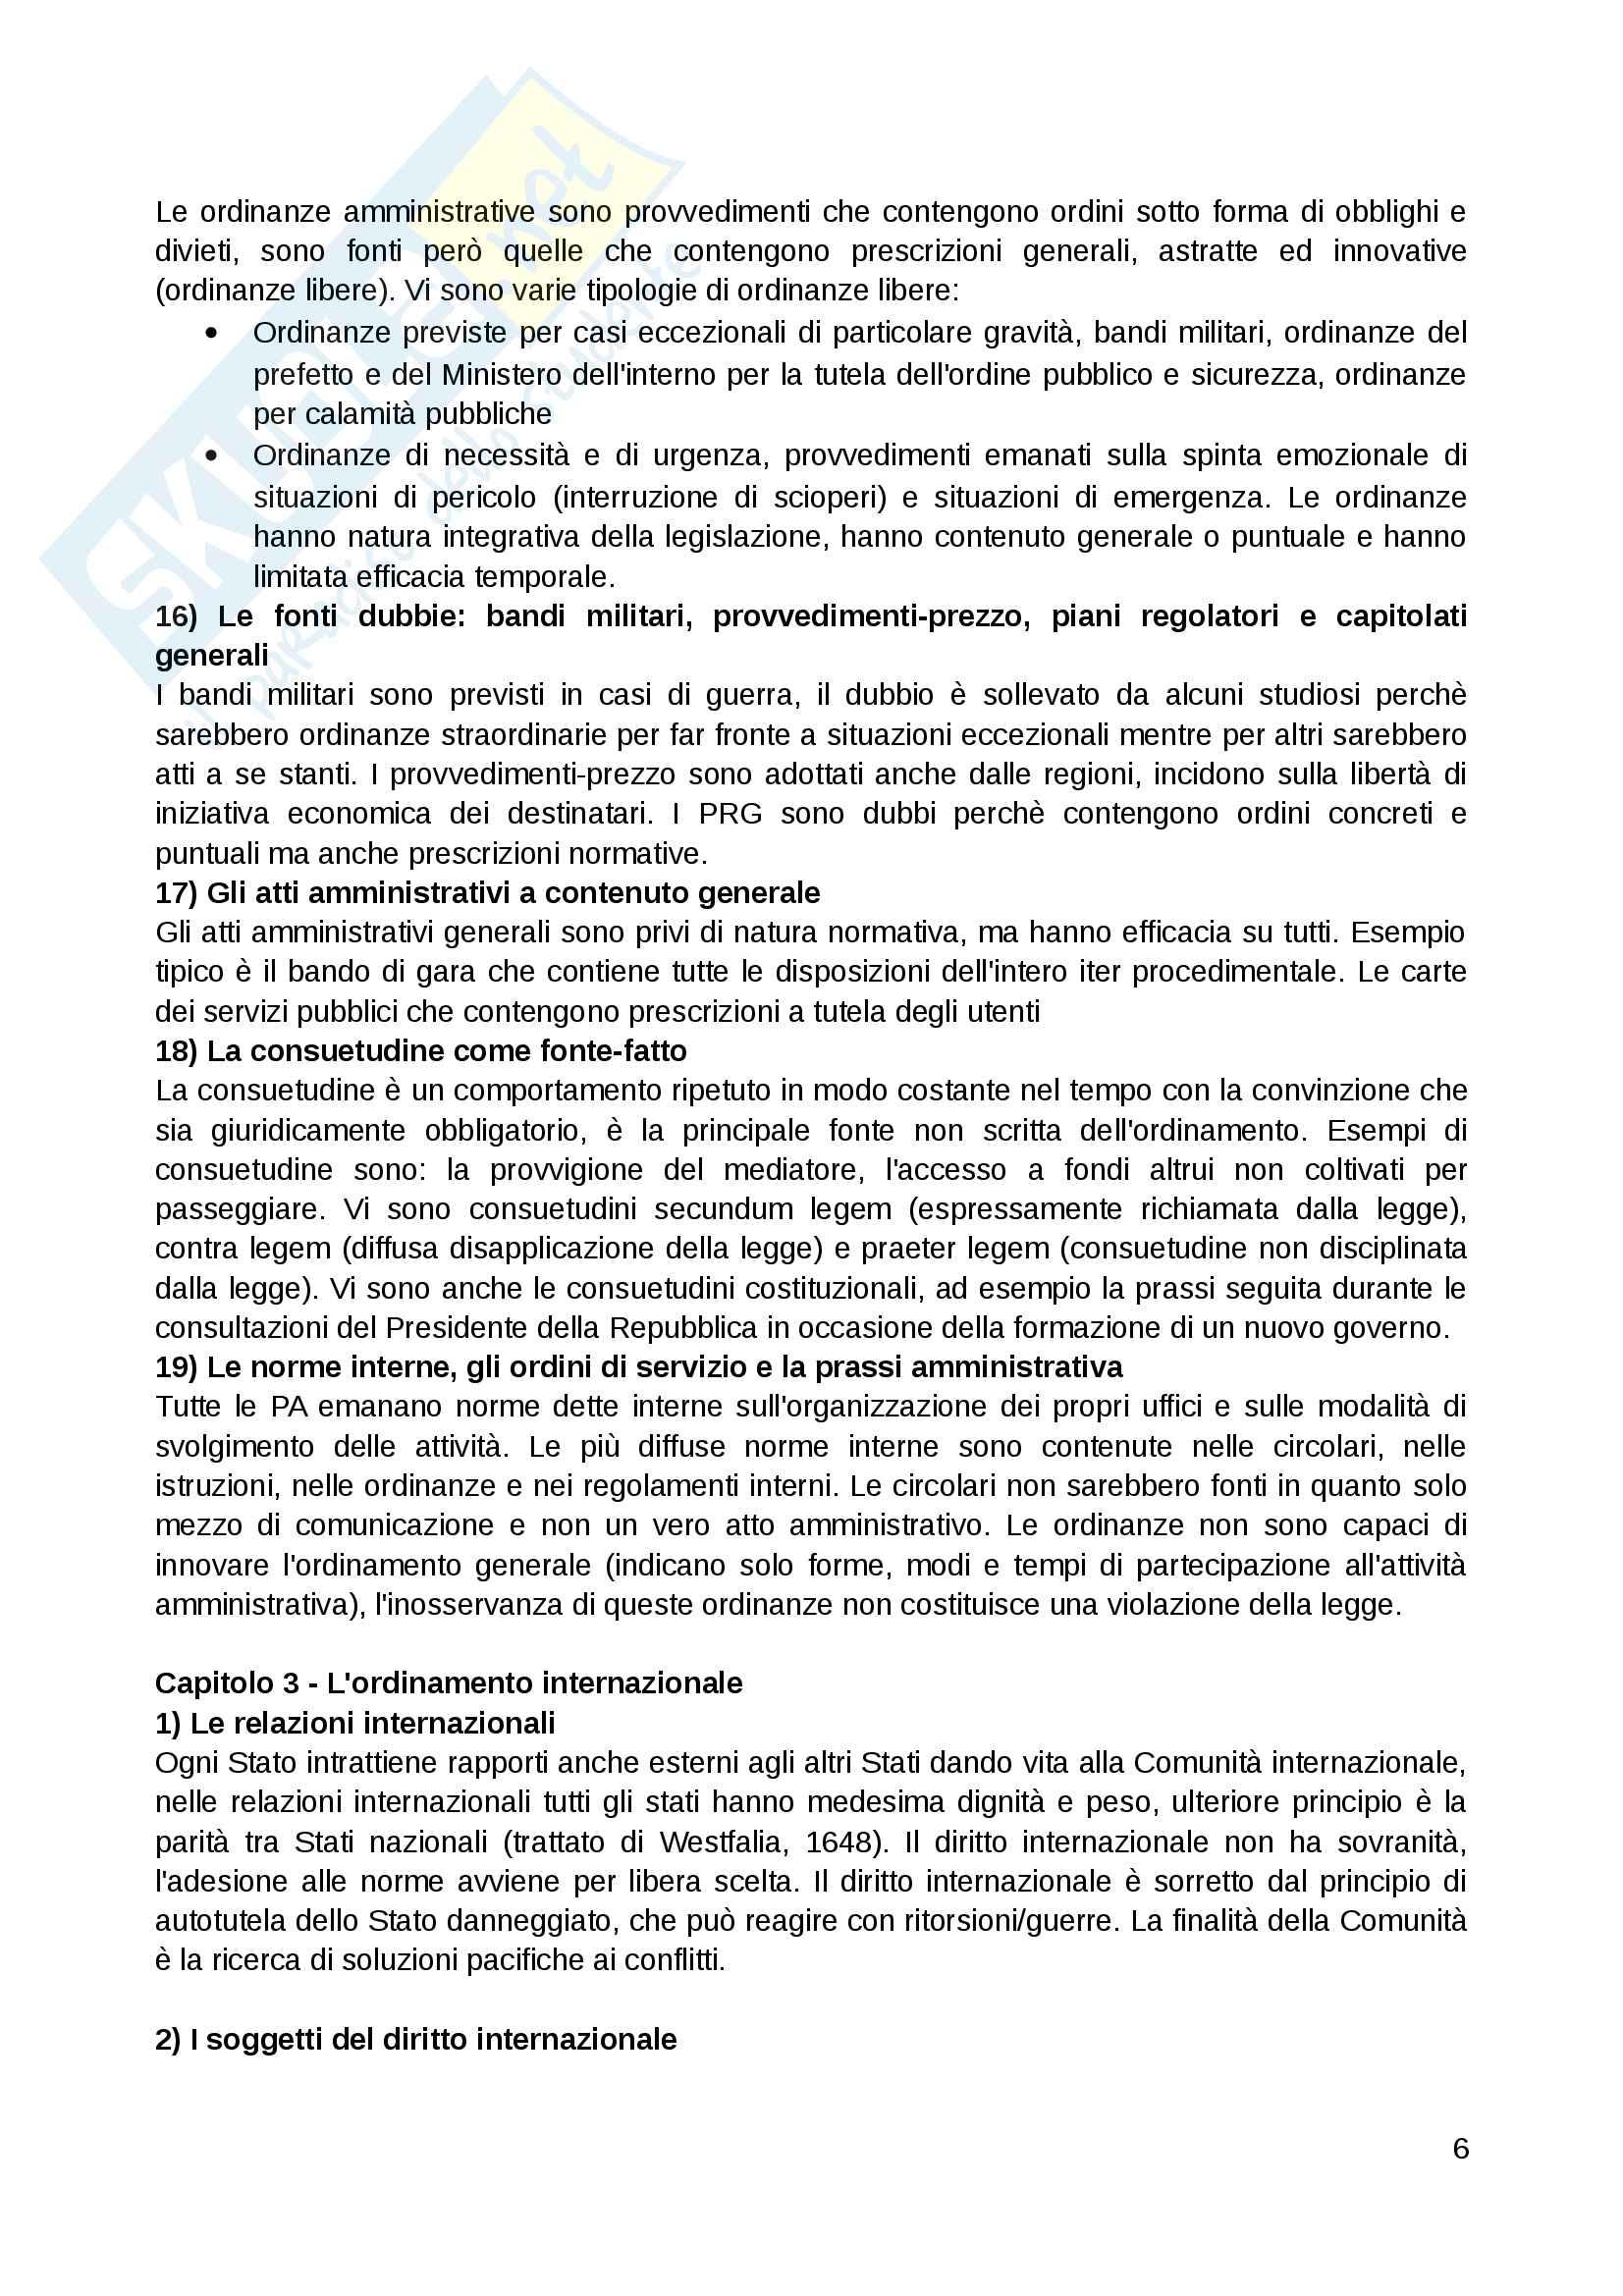 Riassunto esame Diritto amministrativo, Prof. Giuffrida, Libro consigliato Lineamenti di diritto amministrativo, Crosetti, Giuffrida Pag. 6